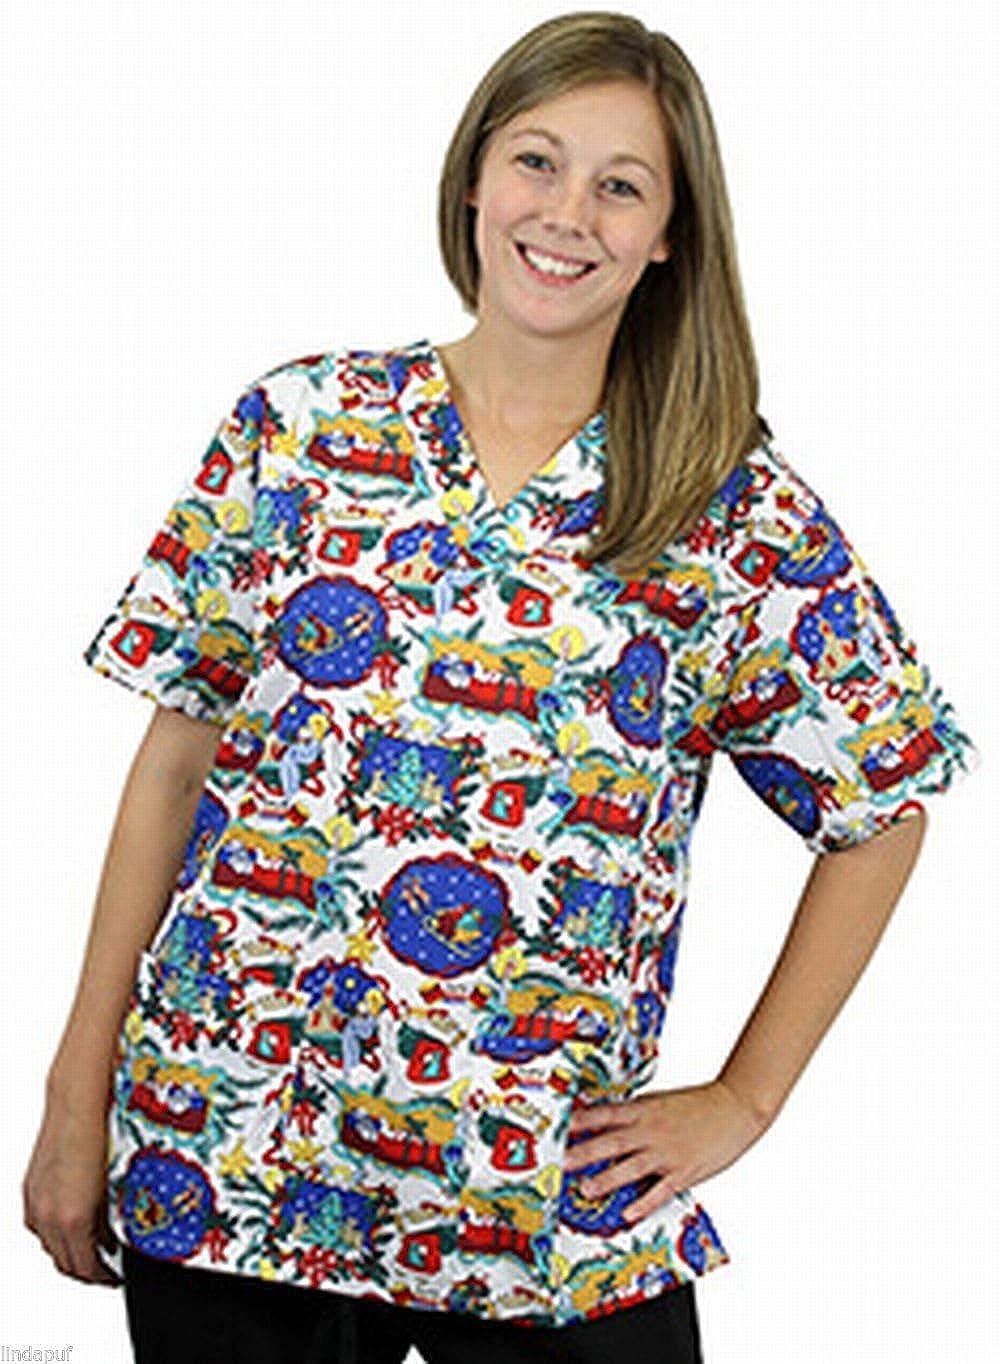 Amazon.com: Women\'s 2 Pocket Holiday Print Scrub Top Extra Small ...